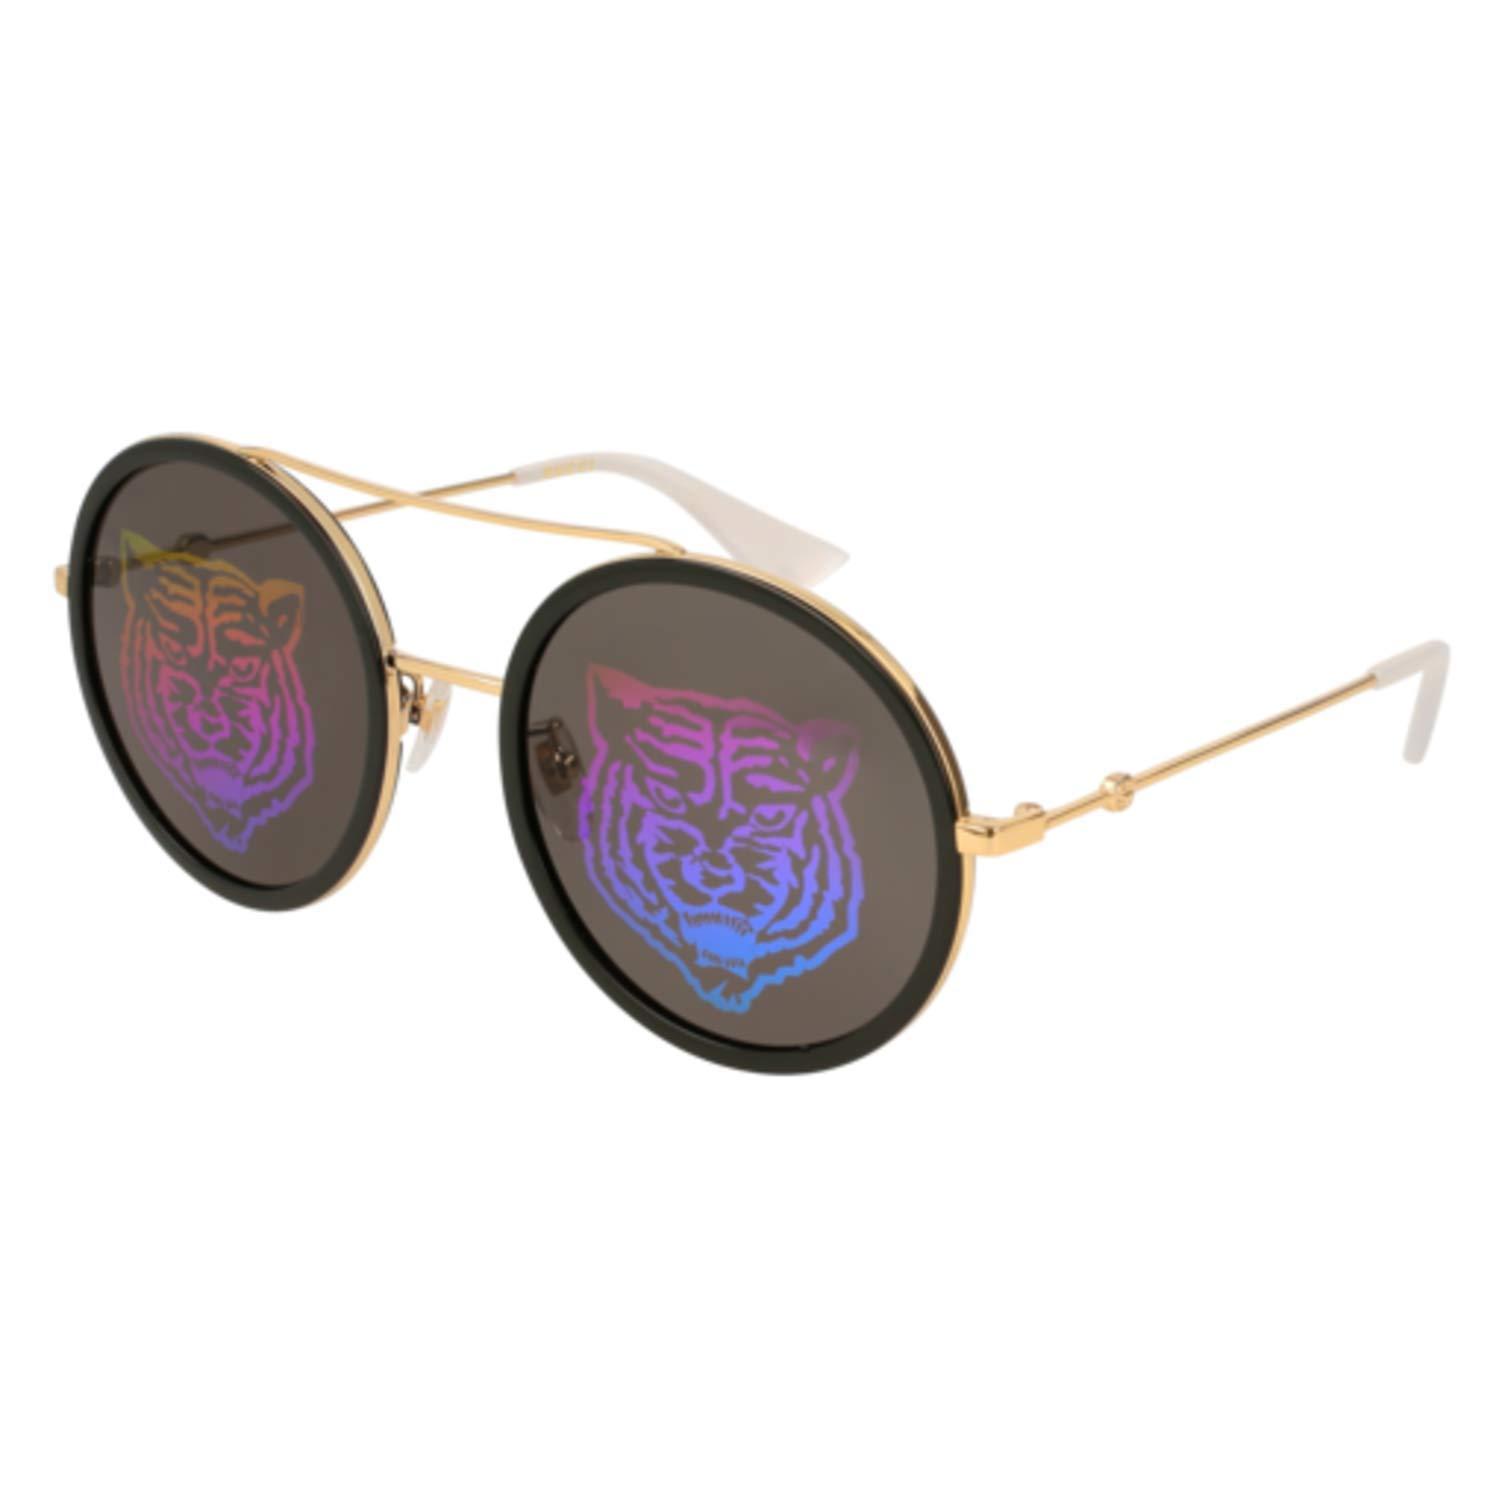 Sunglasses Gucci GG 0061 S- 014 GOLD/GREEN by Gucci